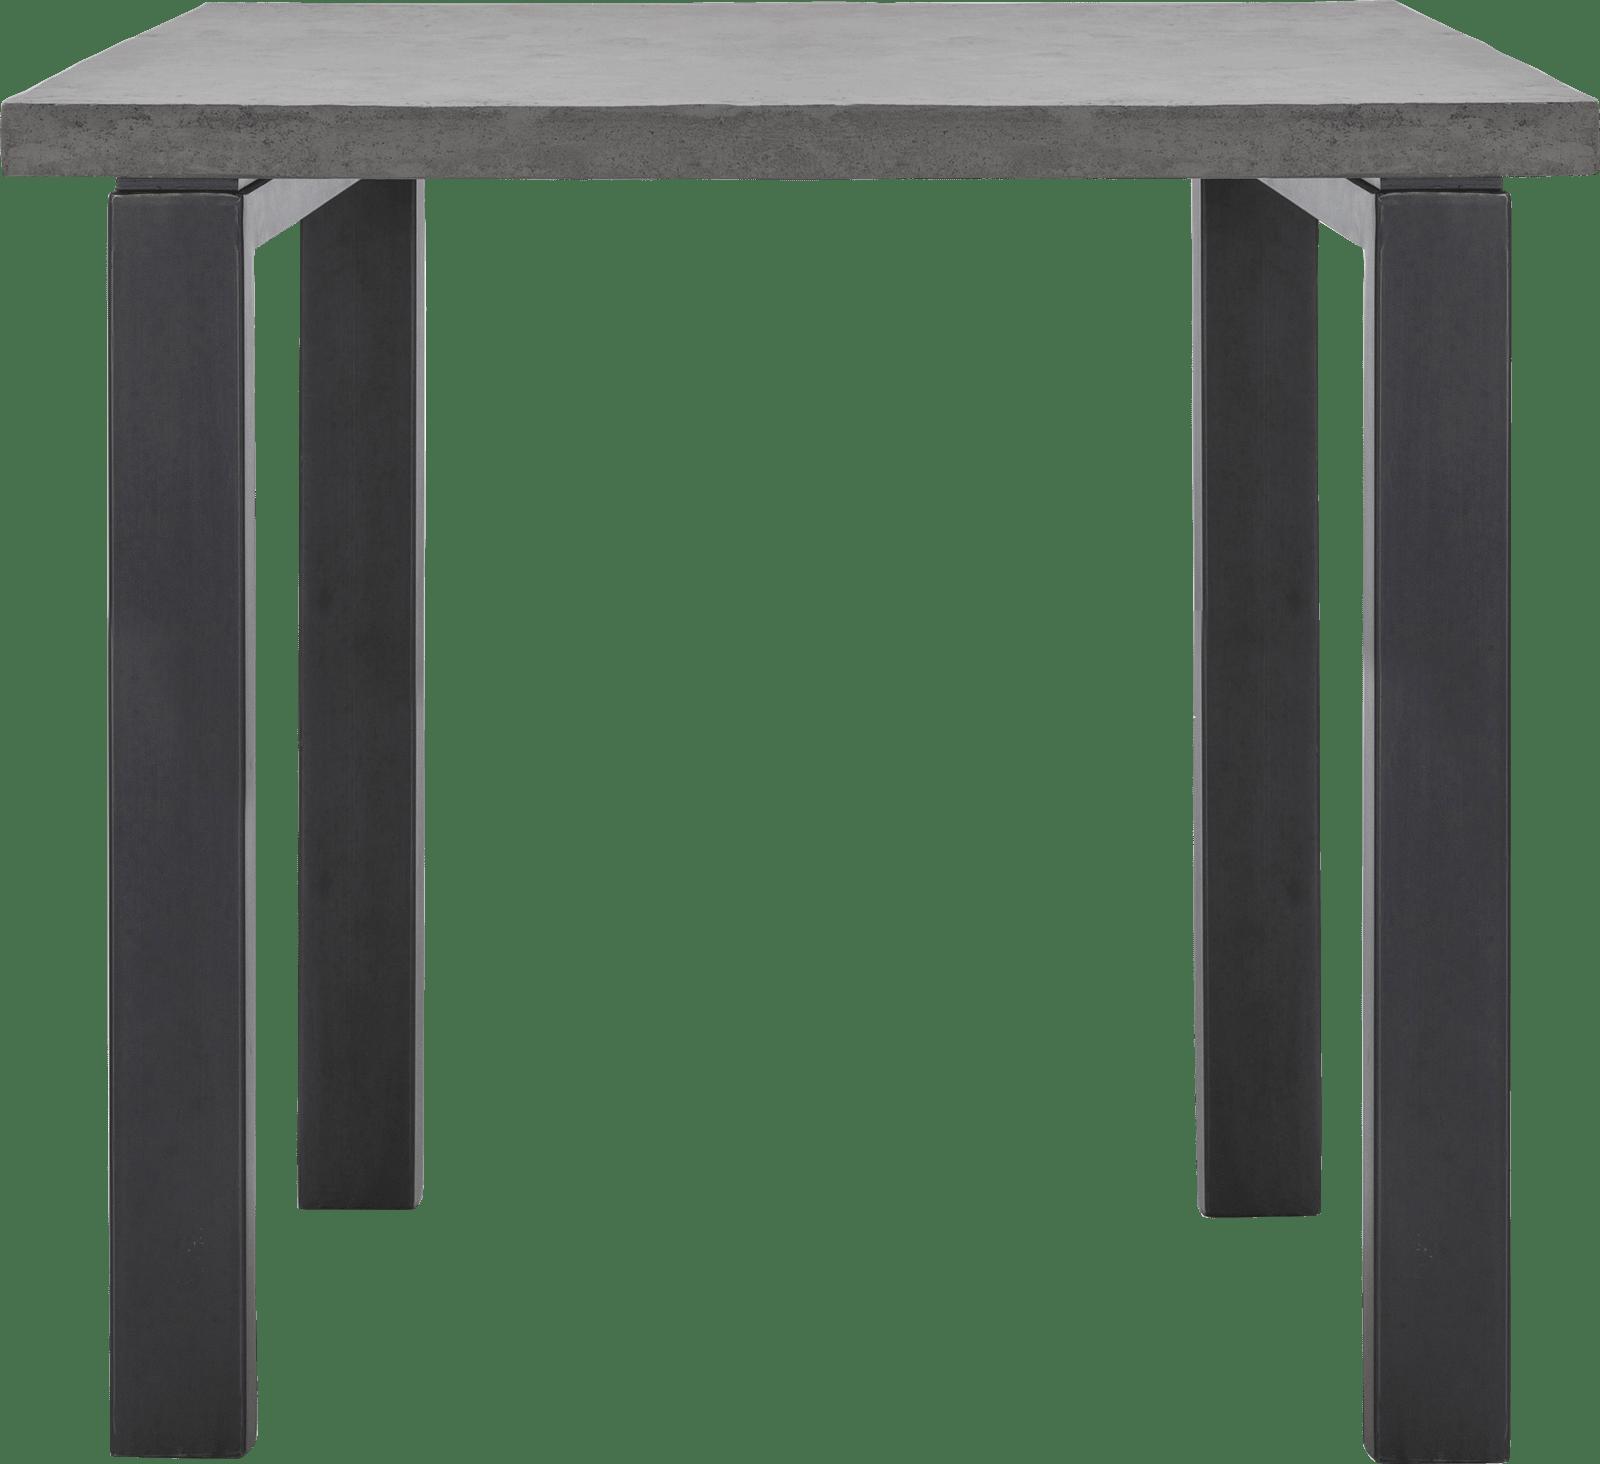 Toro tresentisch 130 x 90 cm (hoehe: 92 cm)